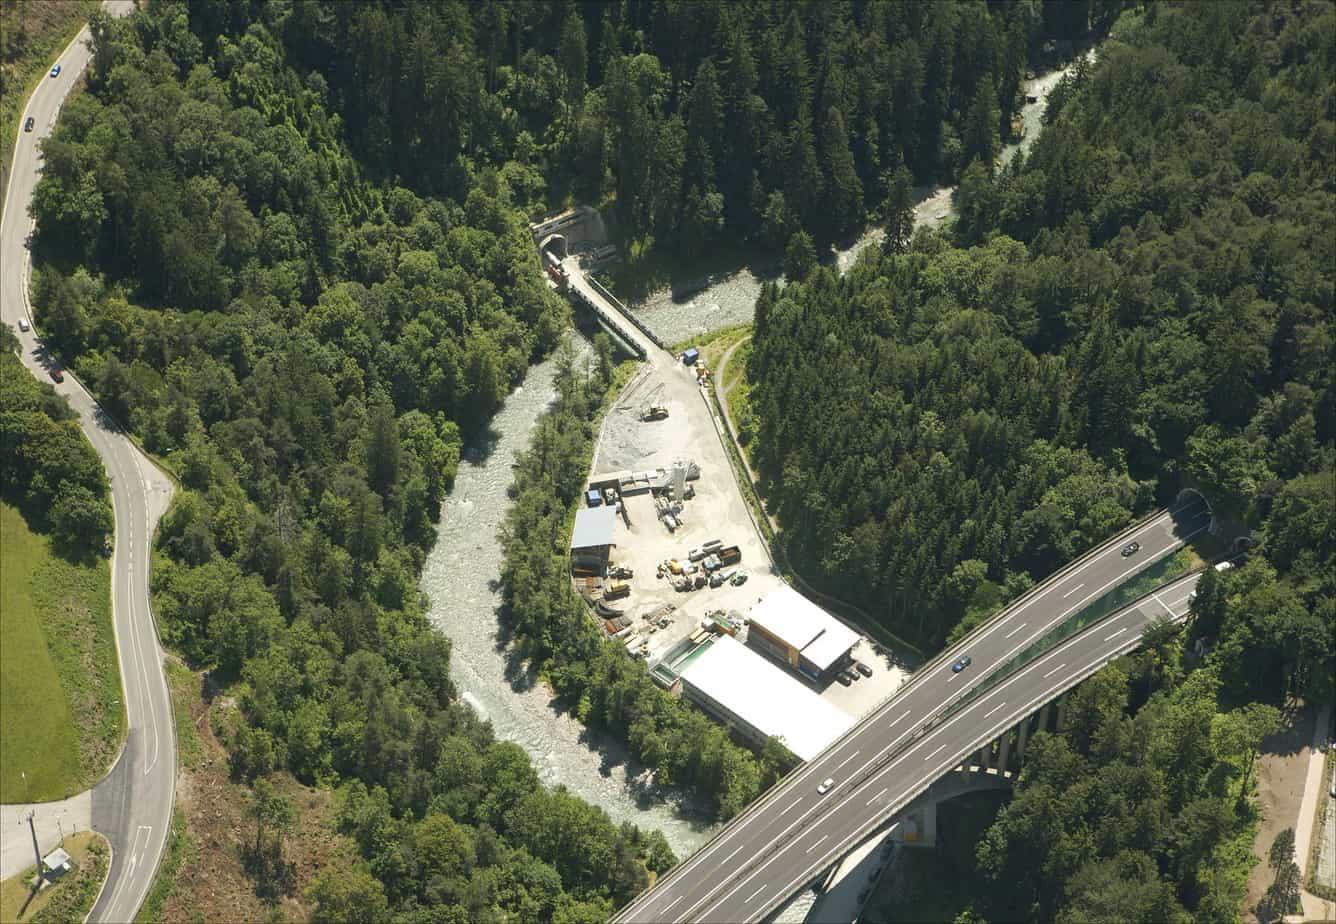 Il cantiere allestito a Viller Berg, nei pressi di Innsbruck: in alto si nota il cunicolo di accesso della Sillschlucht